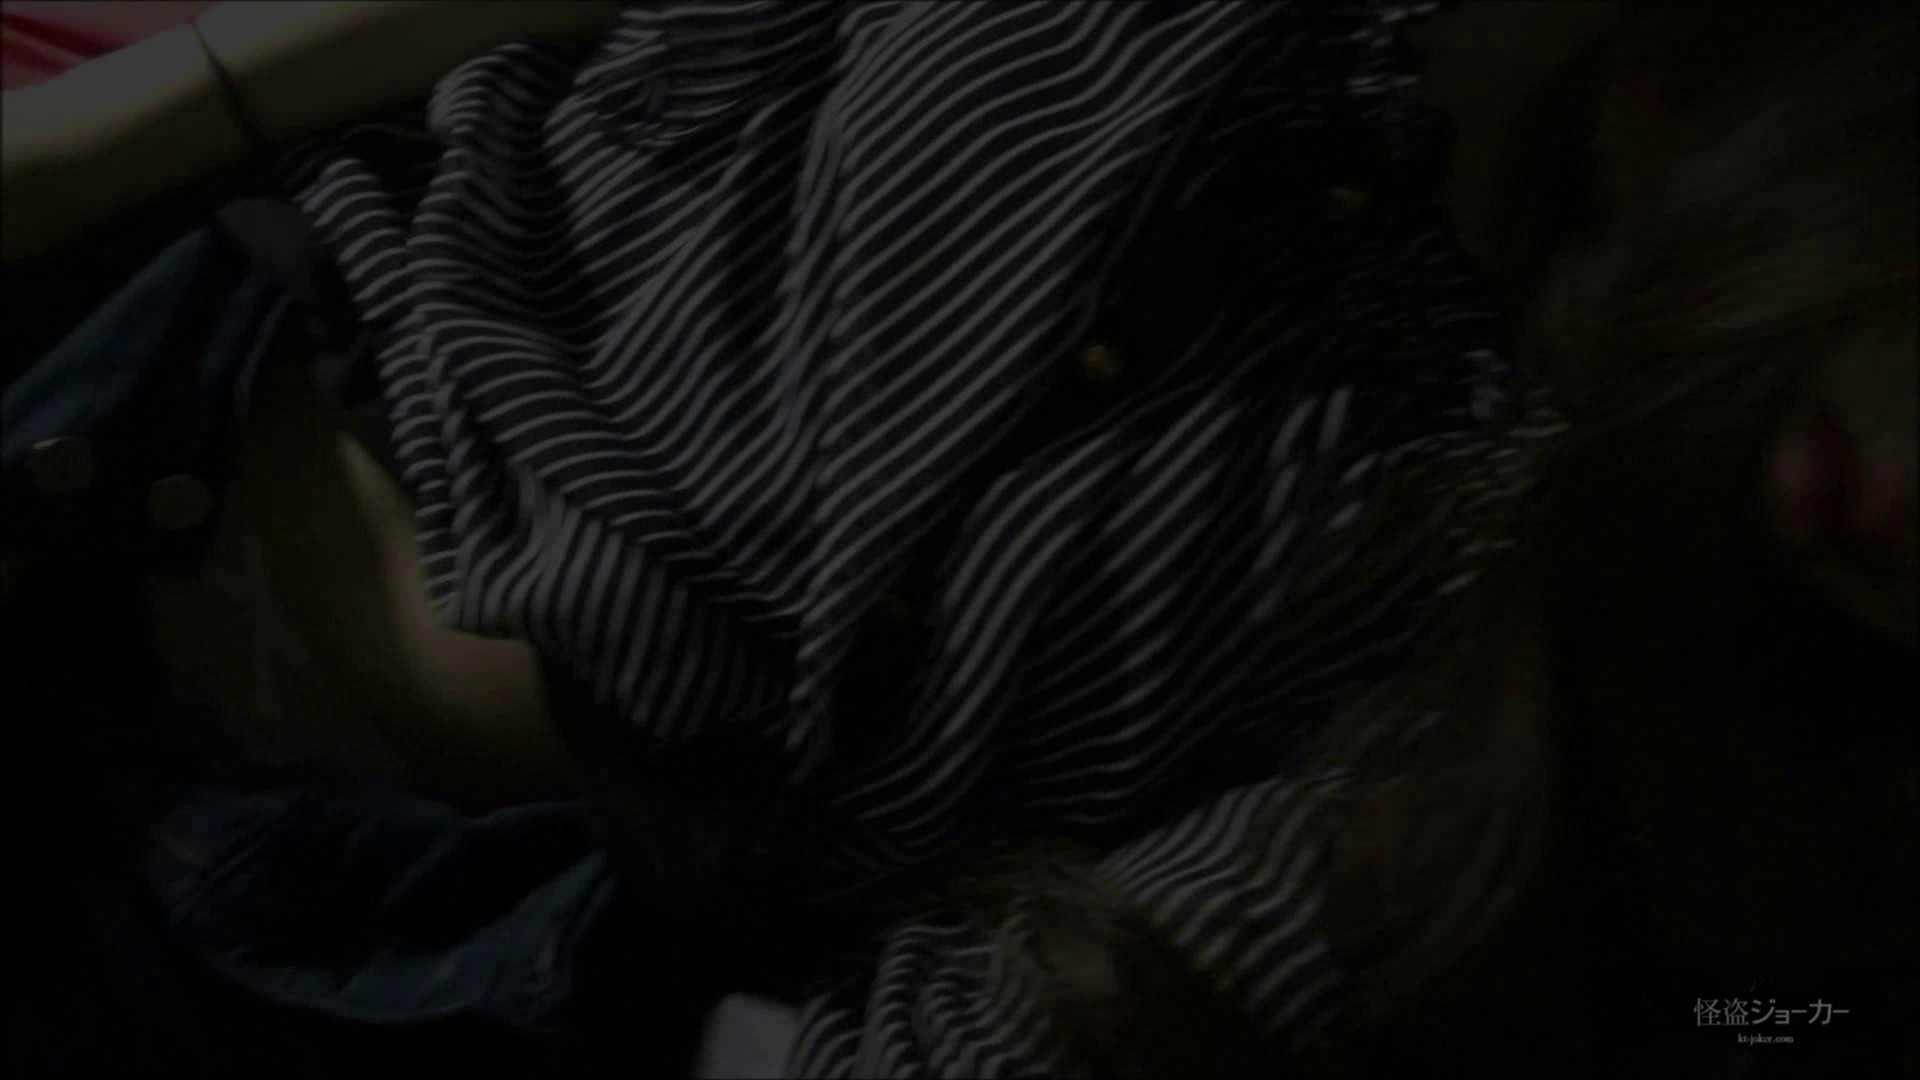 【未公開】vol.89 {黒髪女子18歳}押しに弱いYURIちゃん。 エロいキャバ嬢 おめこ無修正動画無料 82枚